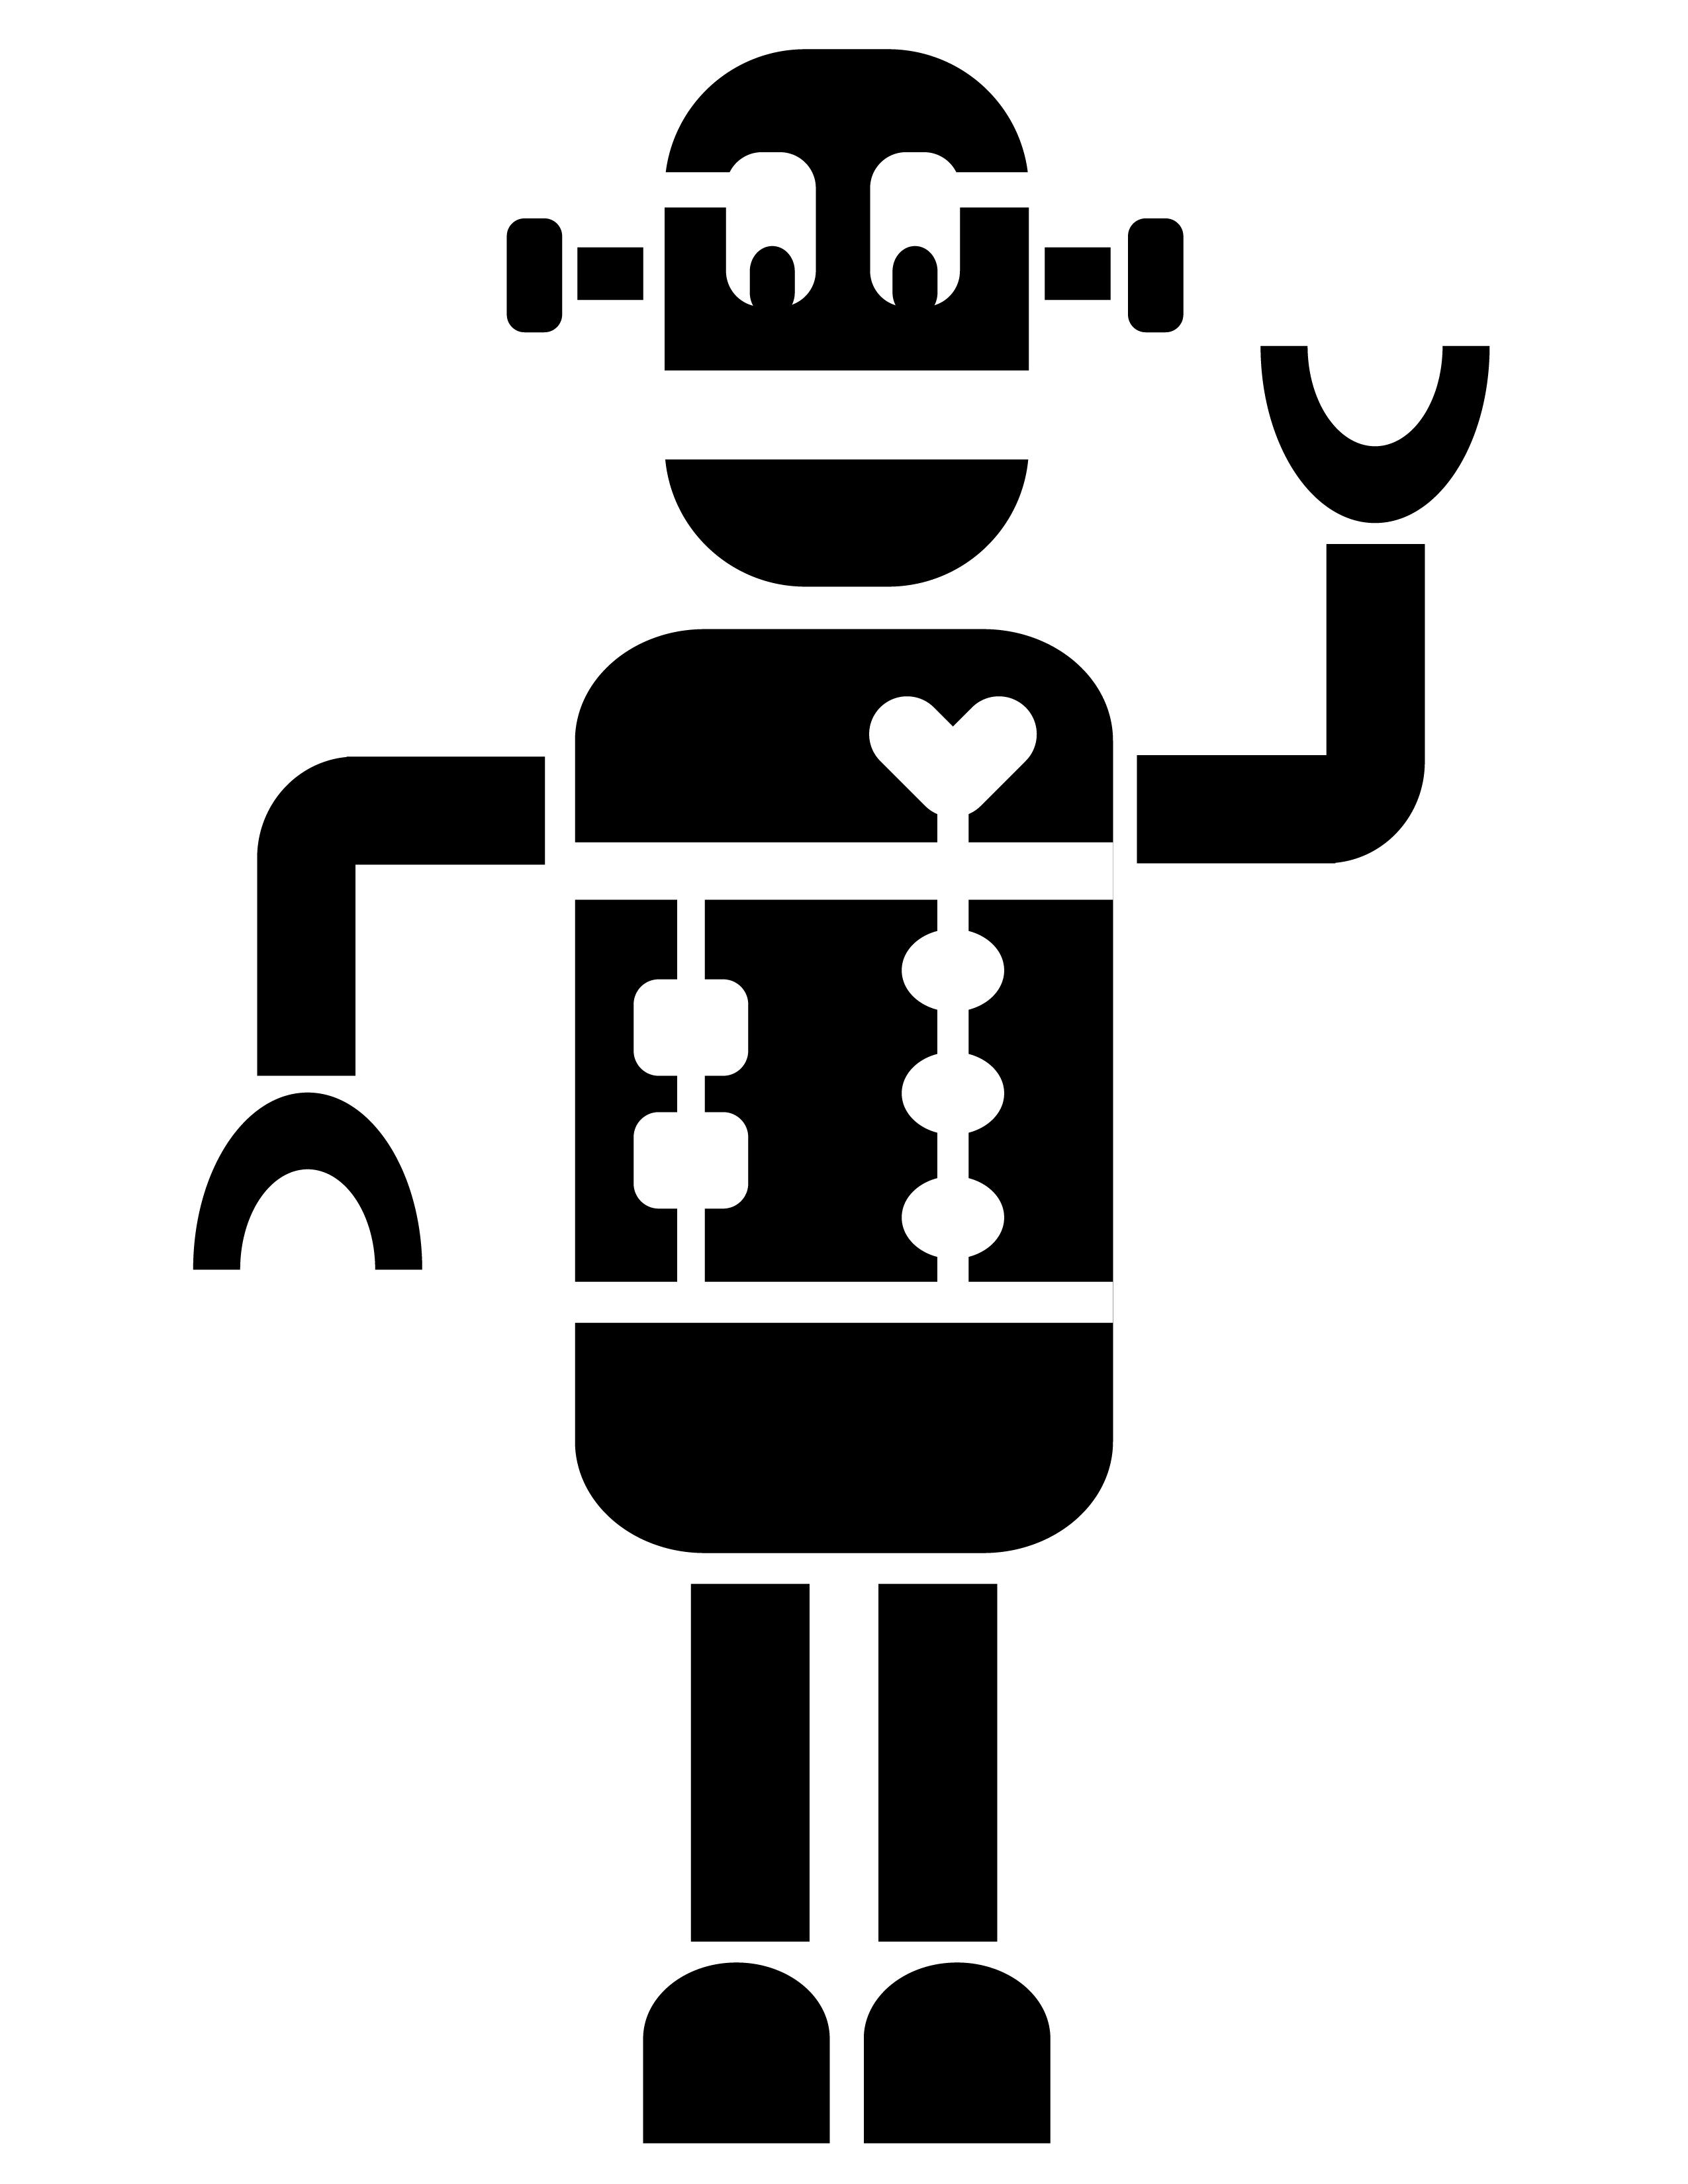 robot stencils pixels. Black Bedroom Furniture Sets. Home Design Ideas